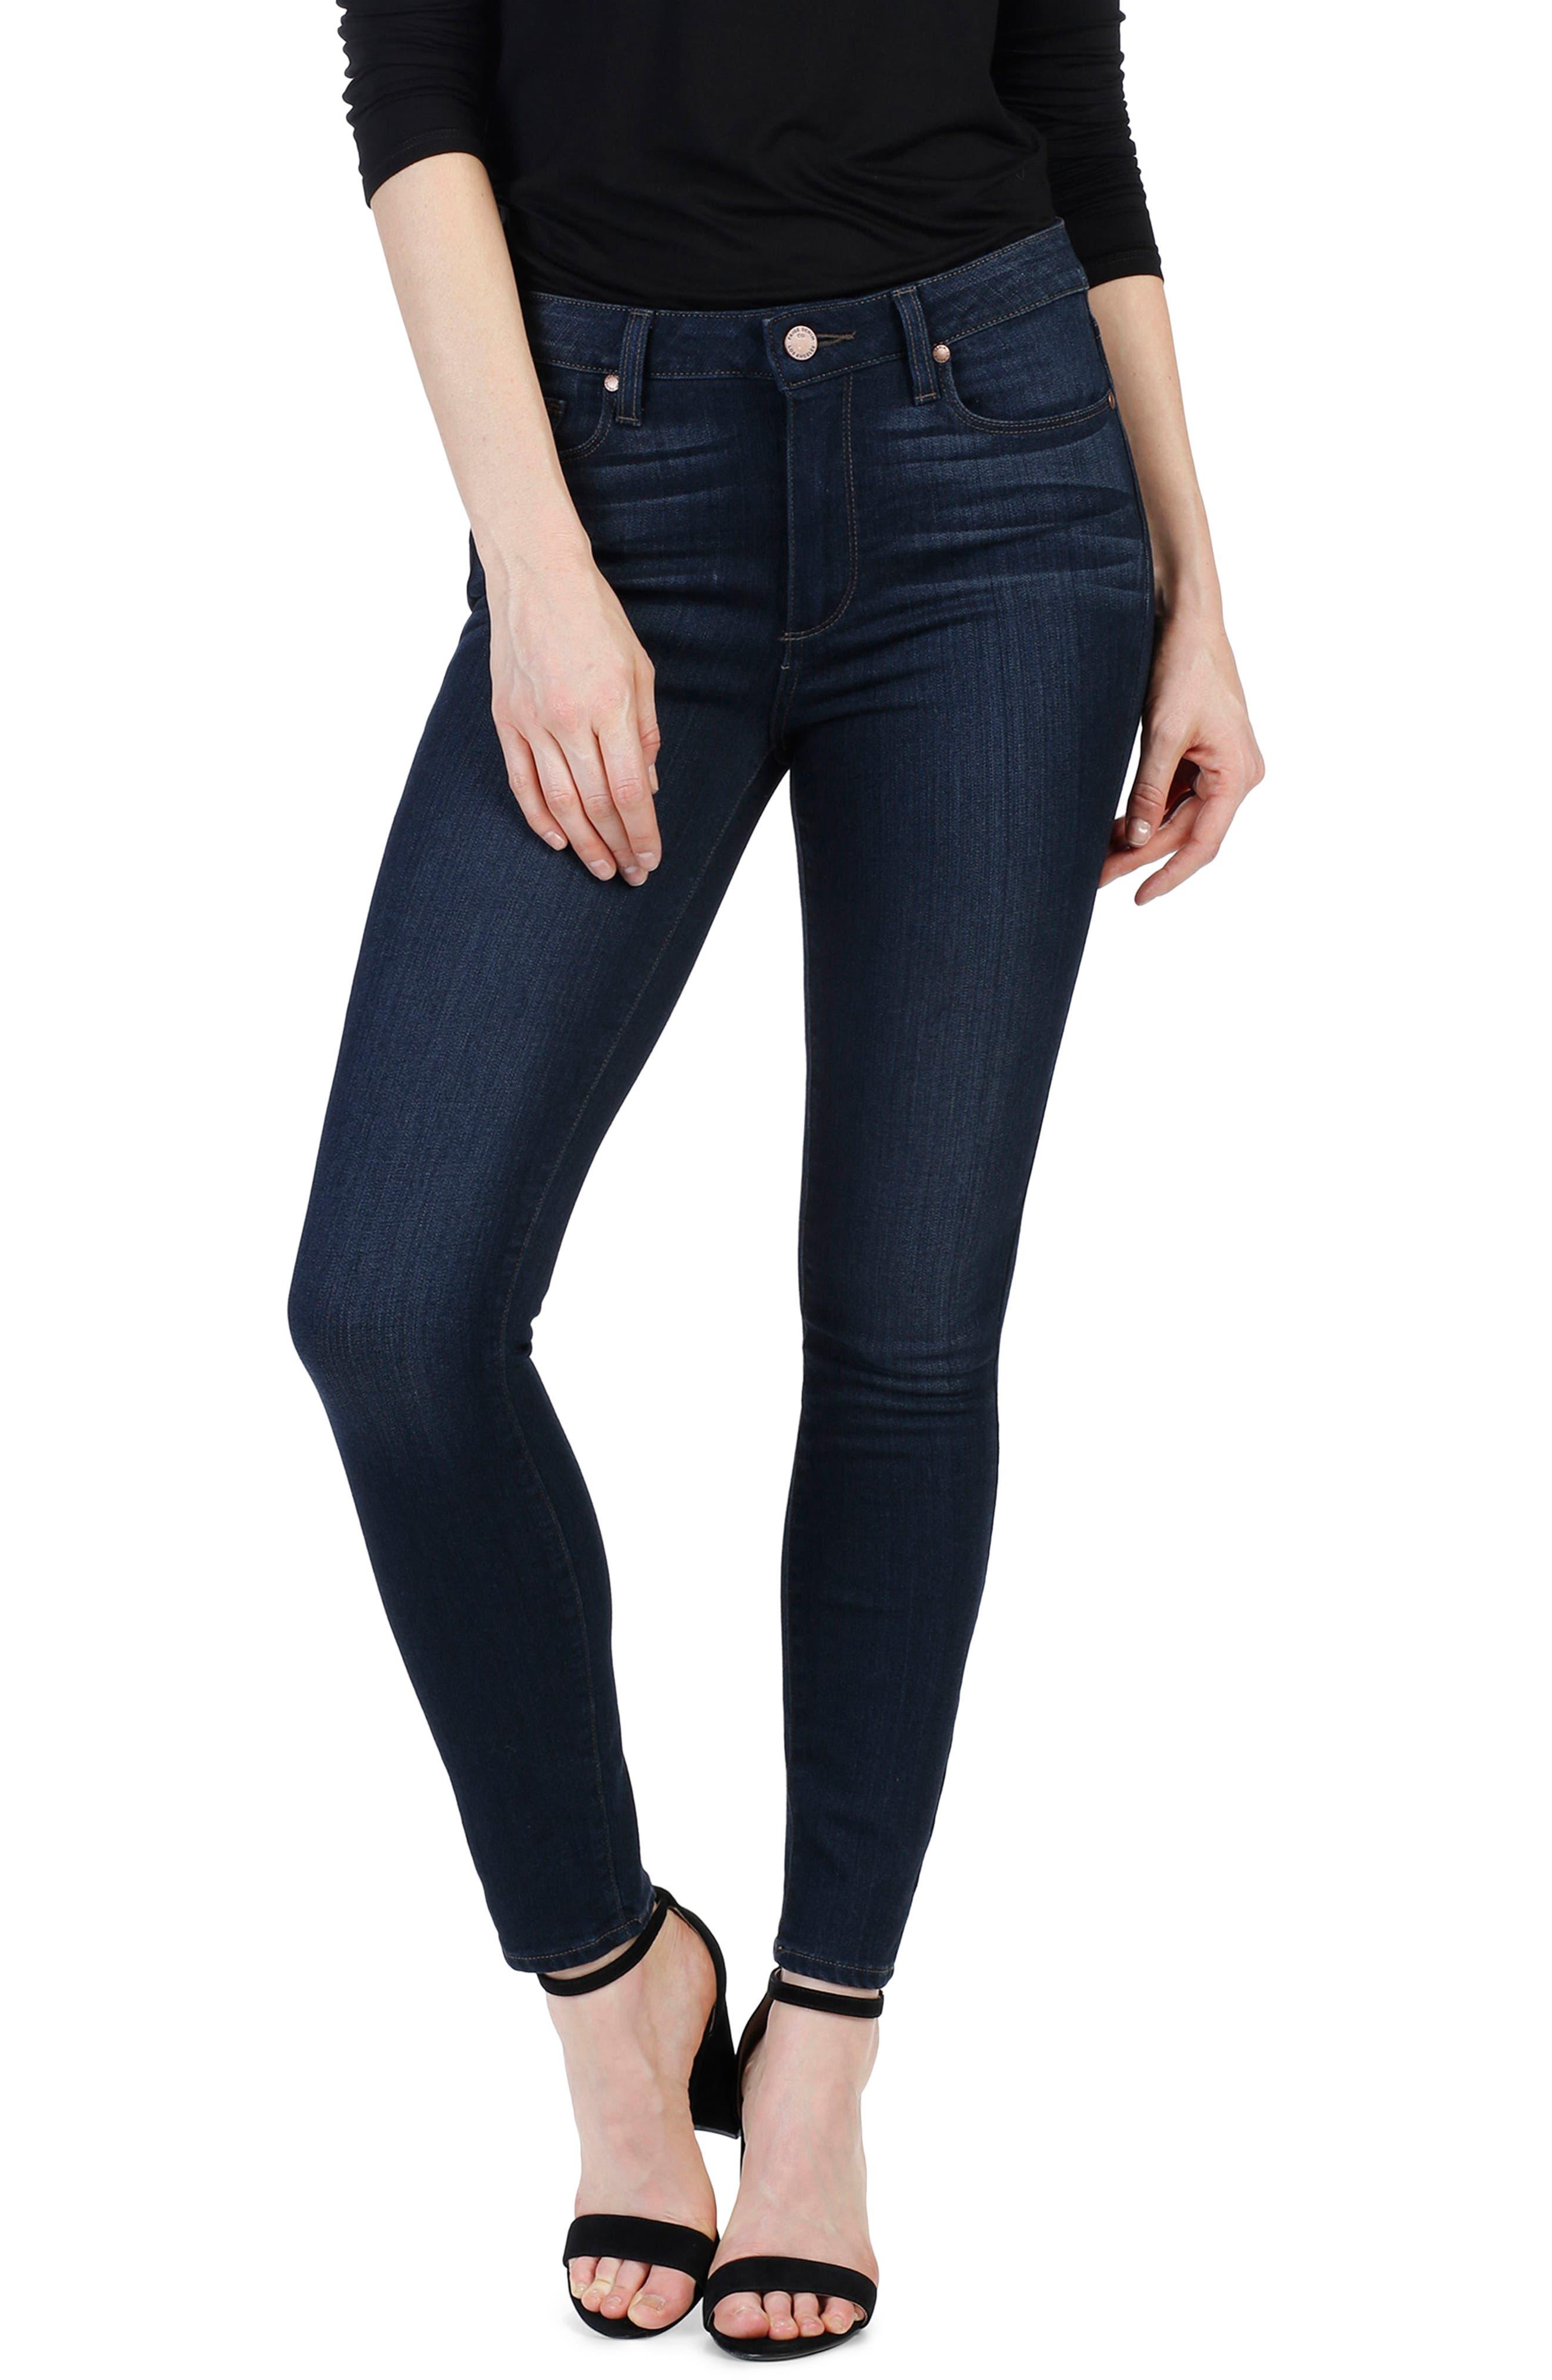 Transcend - Verdugo Ankle Skinny Jeans,                             Alternate thumbnail 3, color,                             Elsie